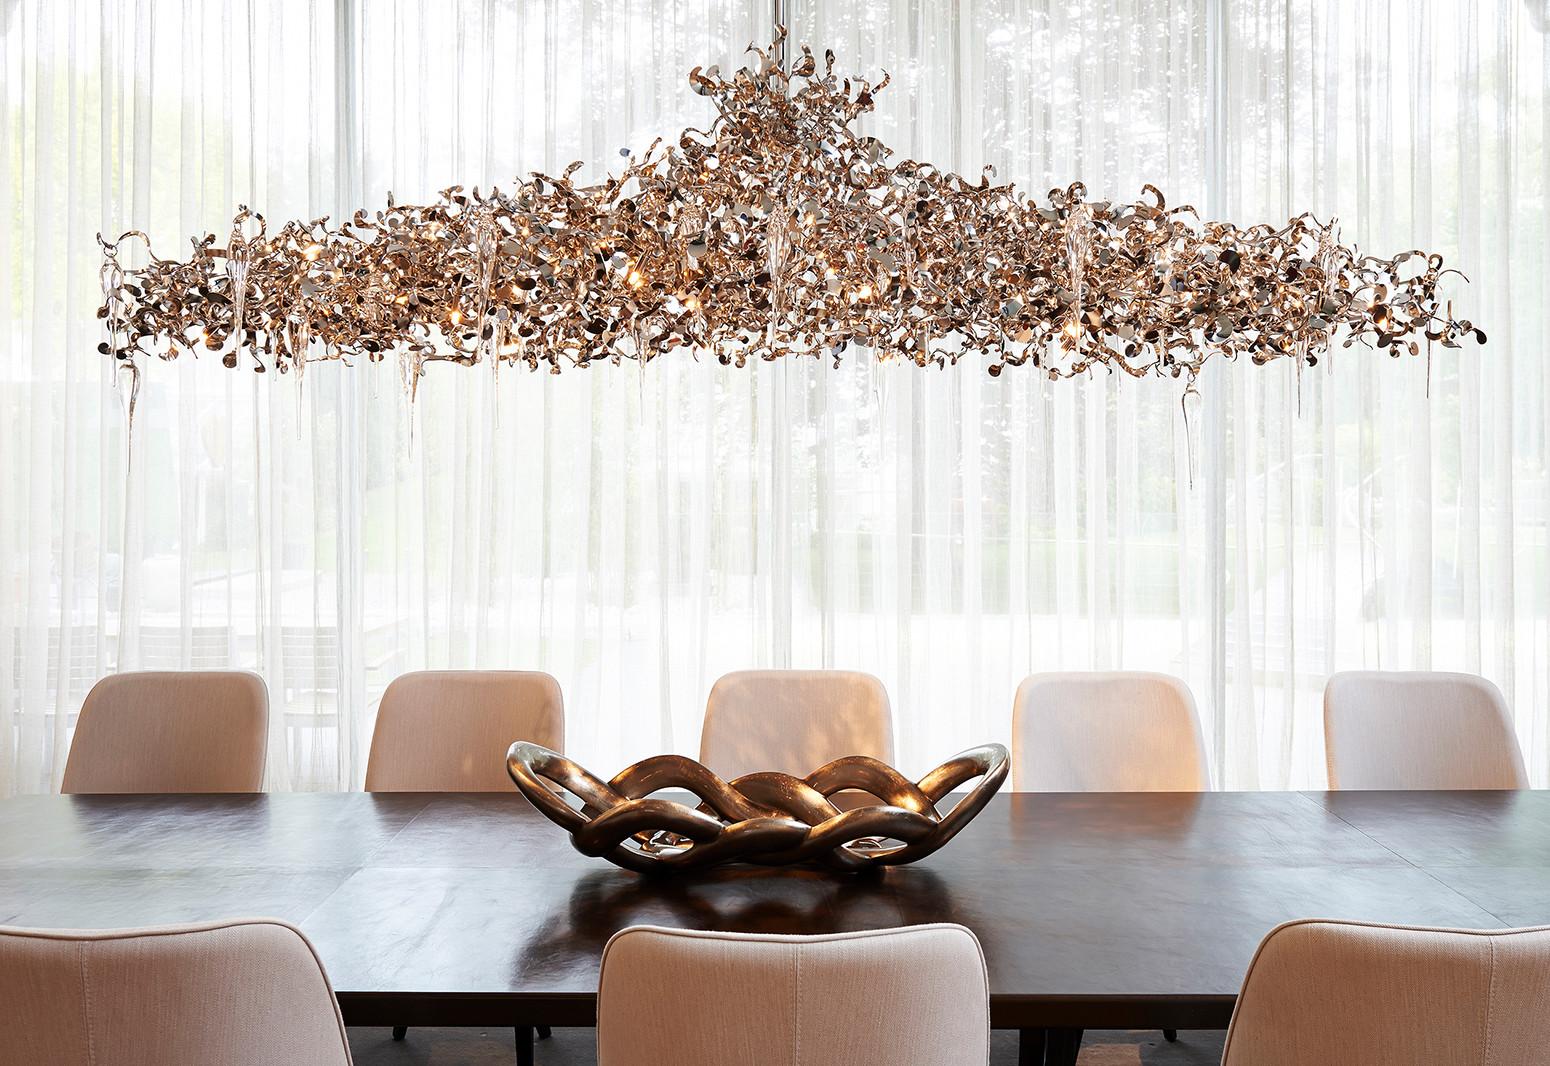 Stefanie Raum Beleuchtung Esszimmer Raum Contemporary Interior